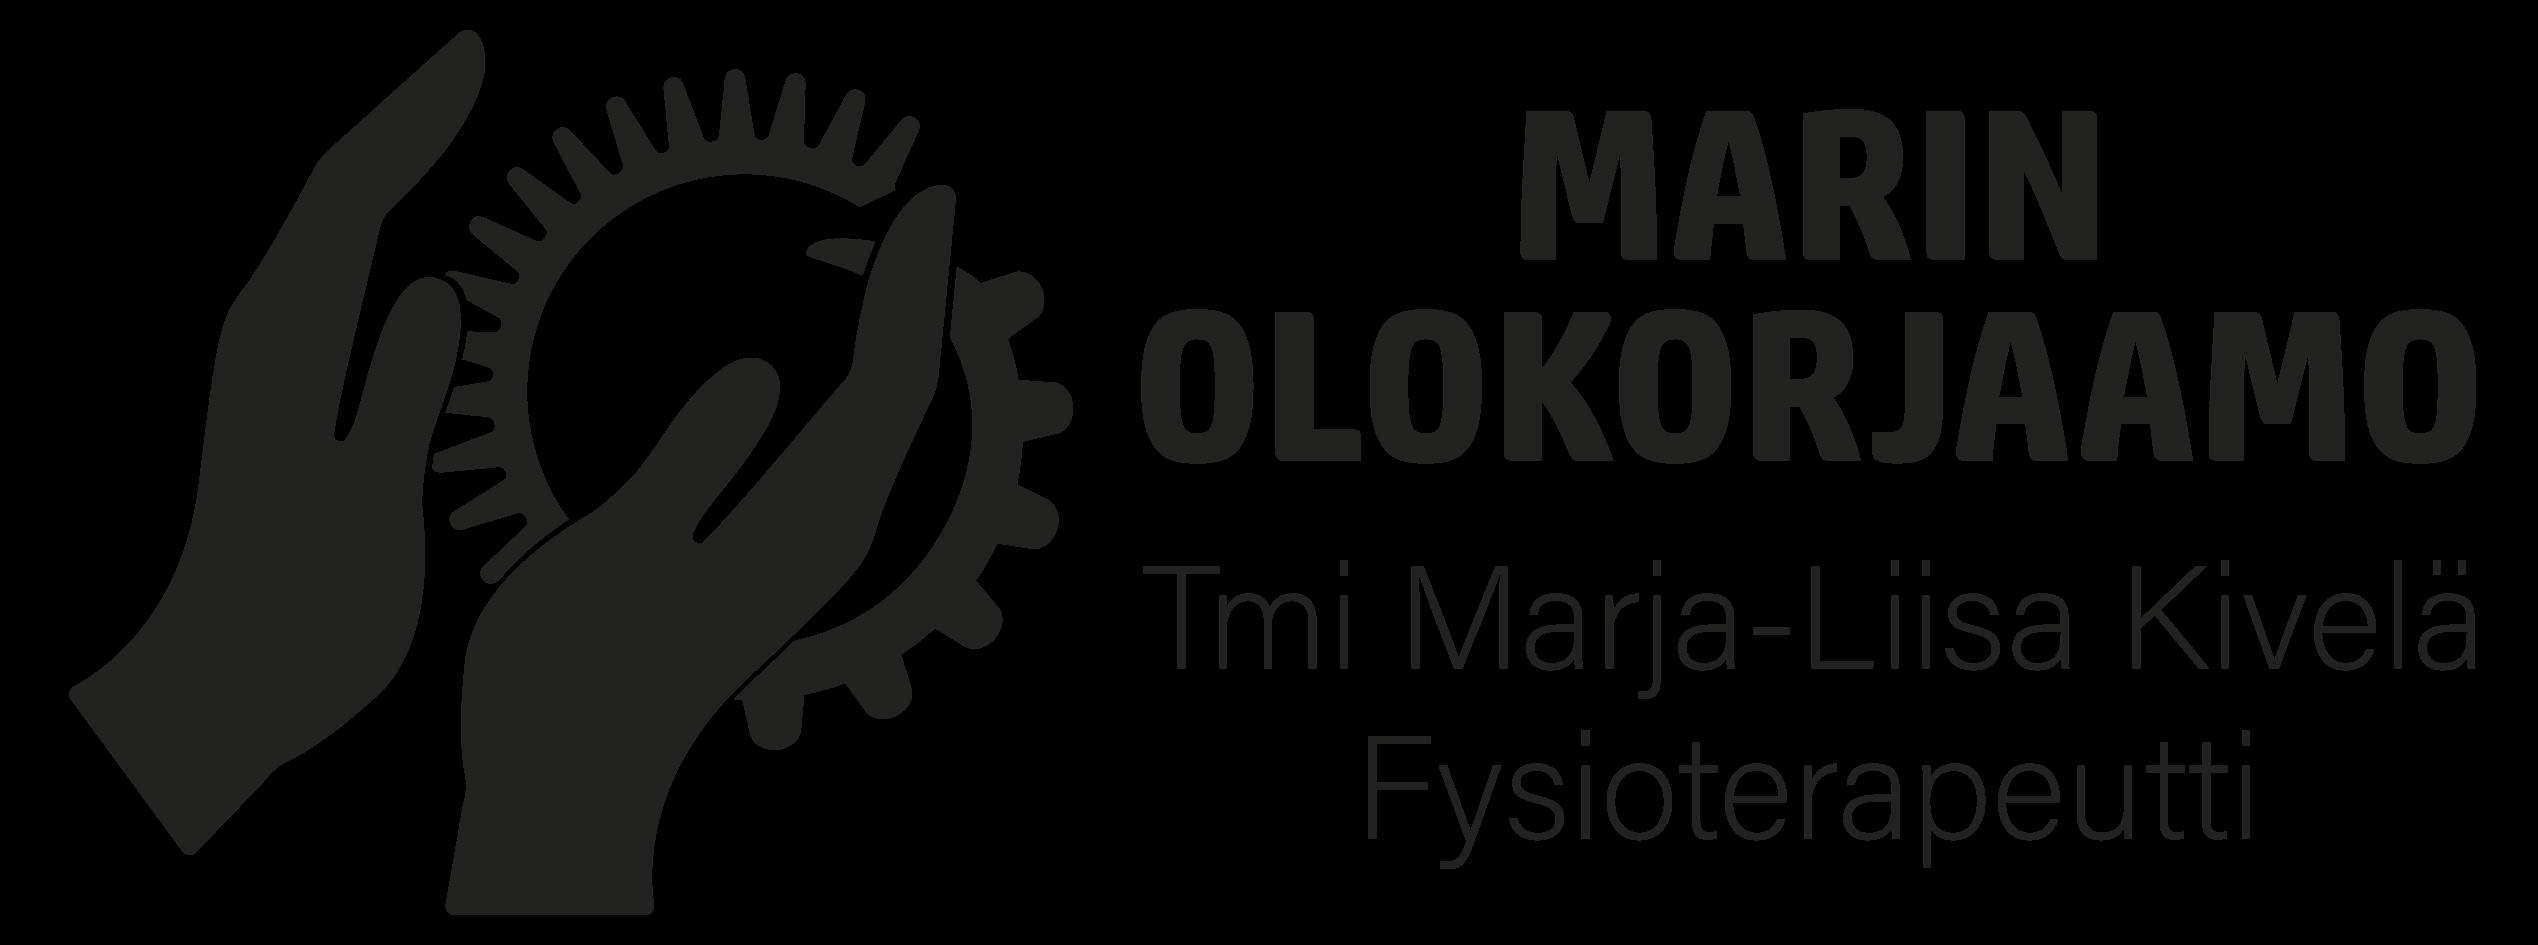 Marin Olokorjaamo